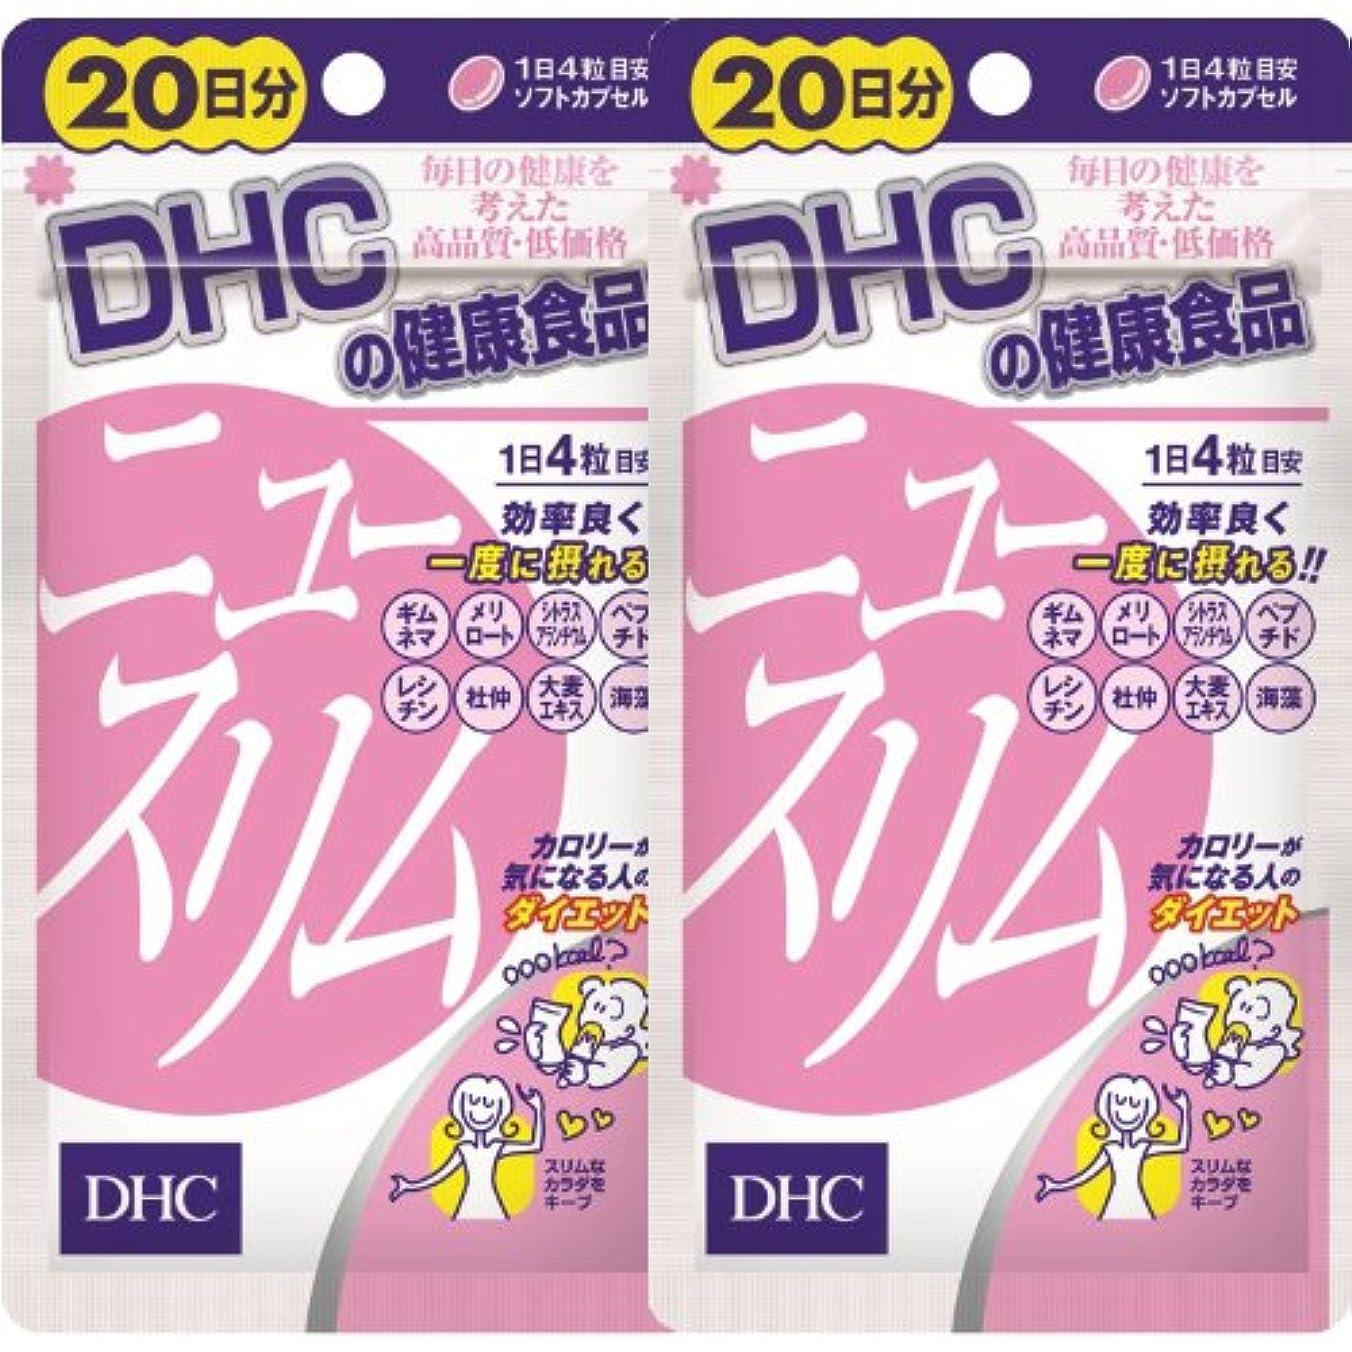 シュリンク起訴する拳DHCニュースリム 20日分(新) 80粒【2個セット】